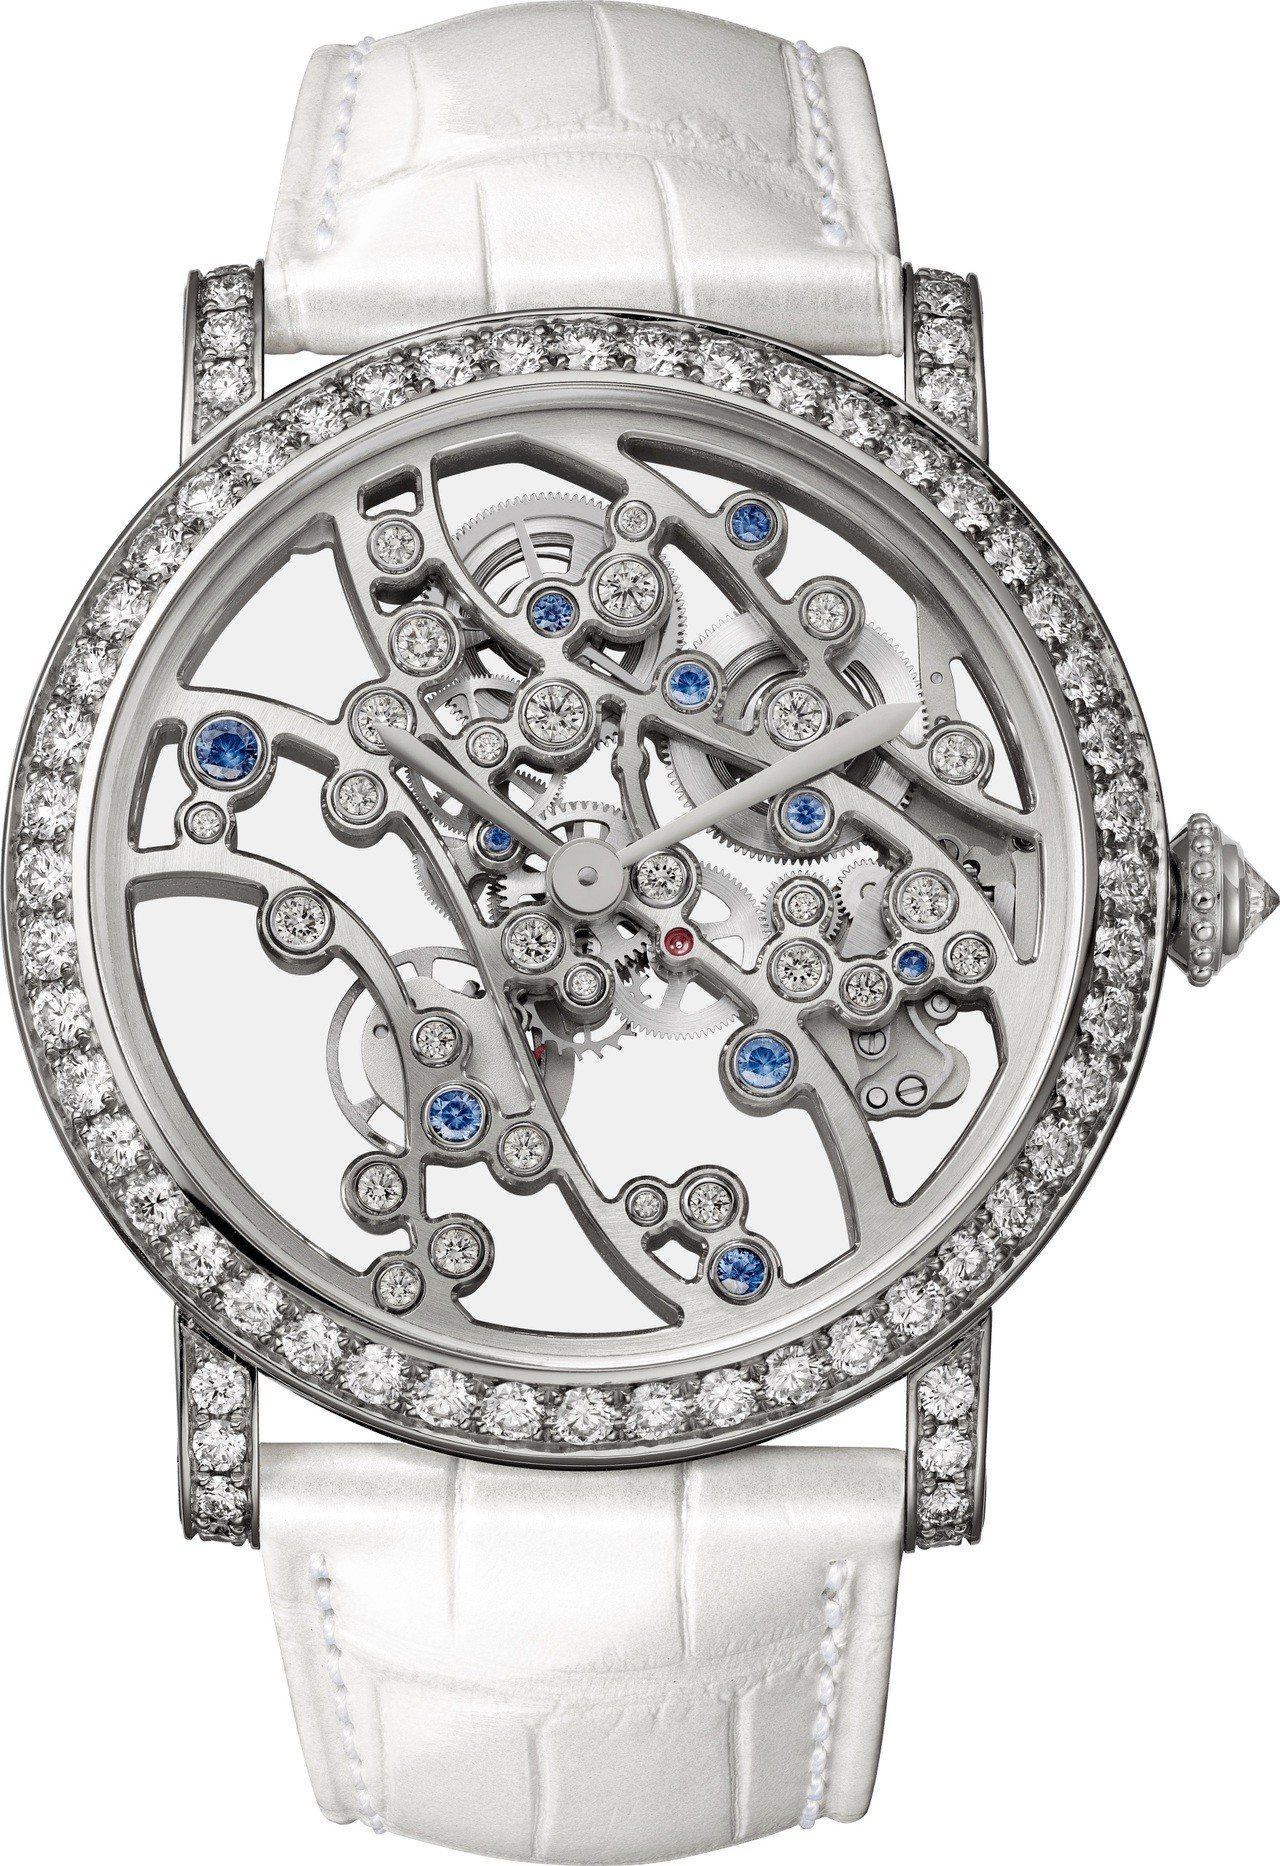 卡地亞 JARDINS JAPONAIS 系列冬季複雜腕表, 364萬元,全球限...